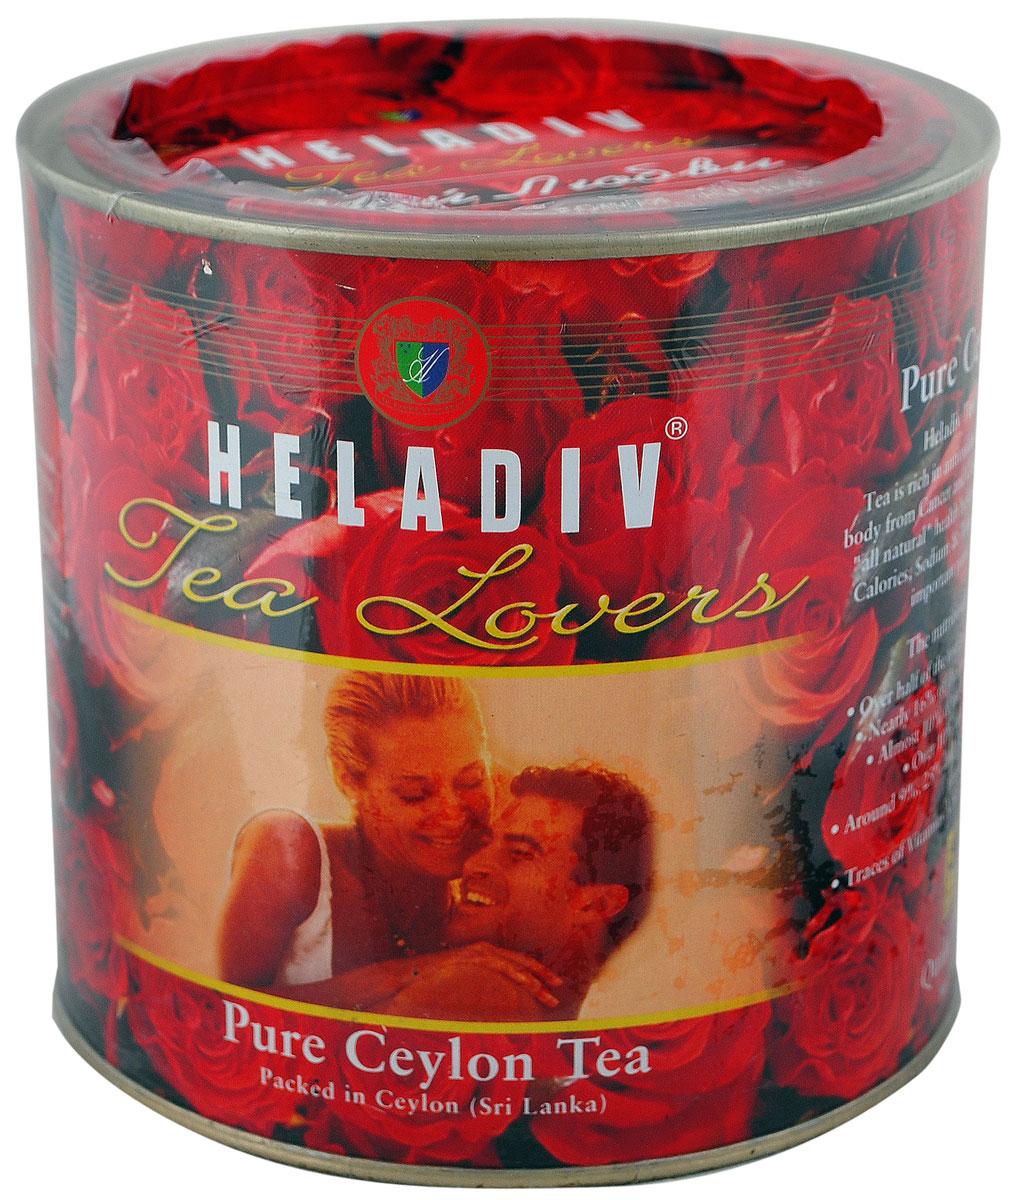 Heladiv Tea Lovers чай черный листовой, 450 г4791007001331Heladiv Tea Lovers (Хеладив Чай Любви) - это черный крупнолистовой цейлонский чай высшего сорта. Этот напиток снимает чувство усталости, способствует выведению вредных веществ из организма и укрепляет сердечно-сосудистую систему. Чай Хеладив - это экологически чистый продукт, который может стать неотъемлемой частью вашей здоровой диеты.